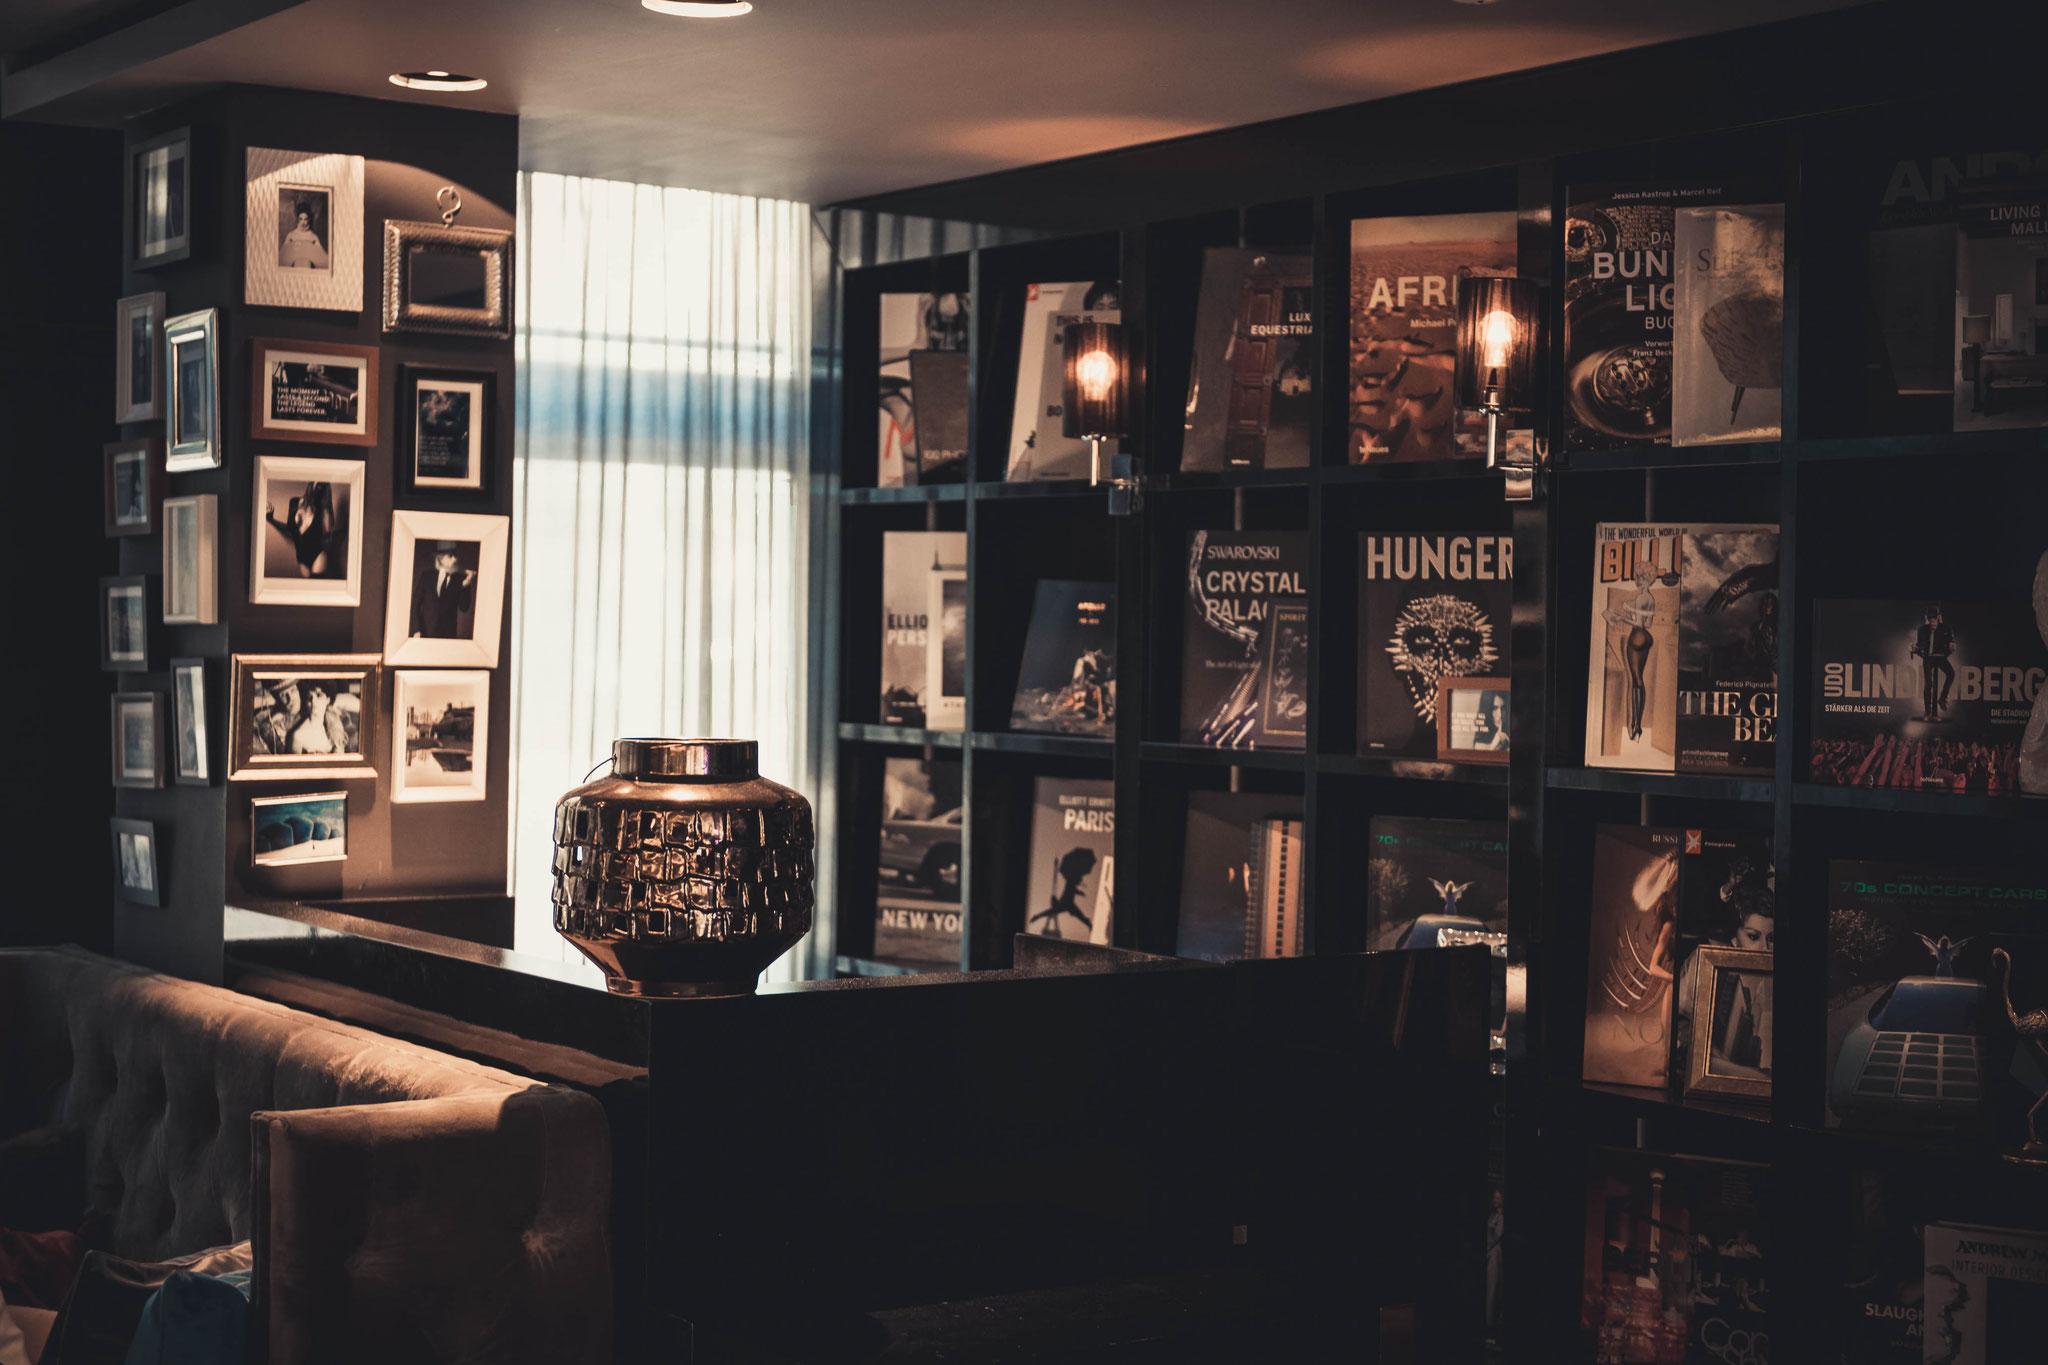 Dekoration im Roomers Hotel Frankfurt